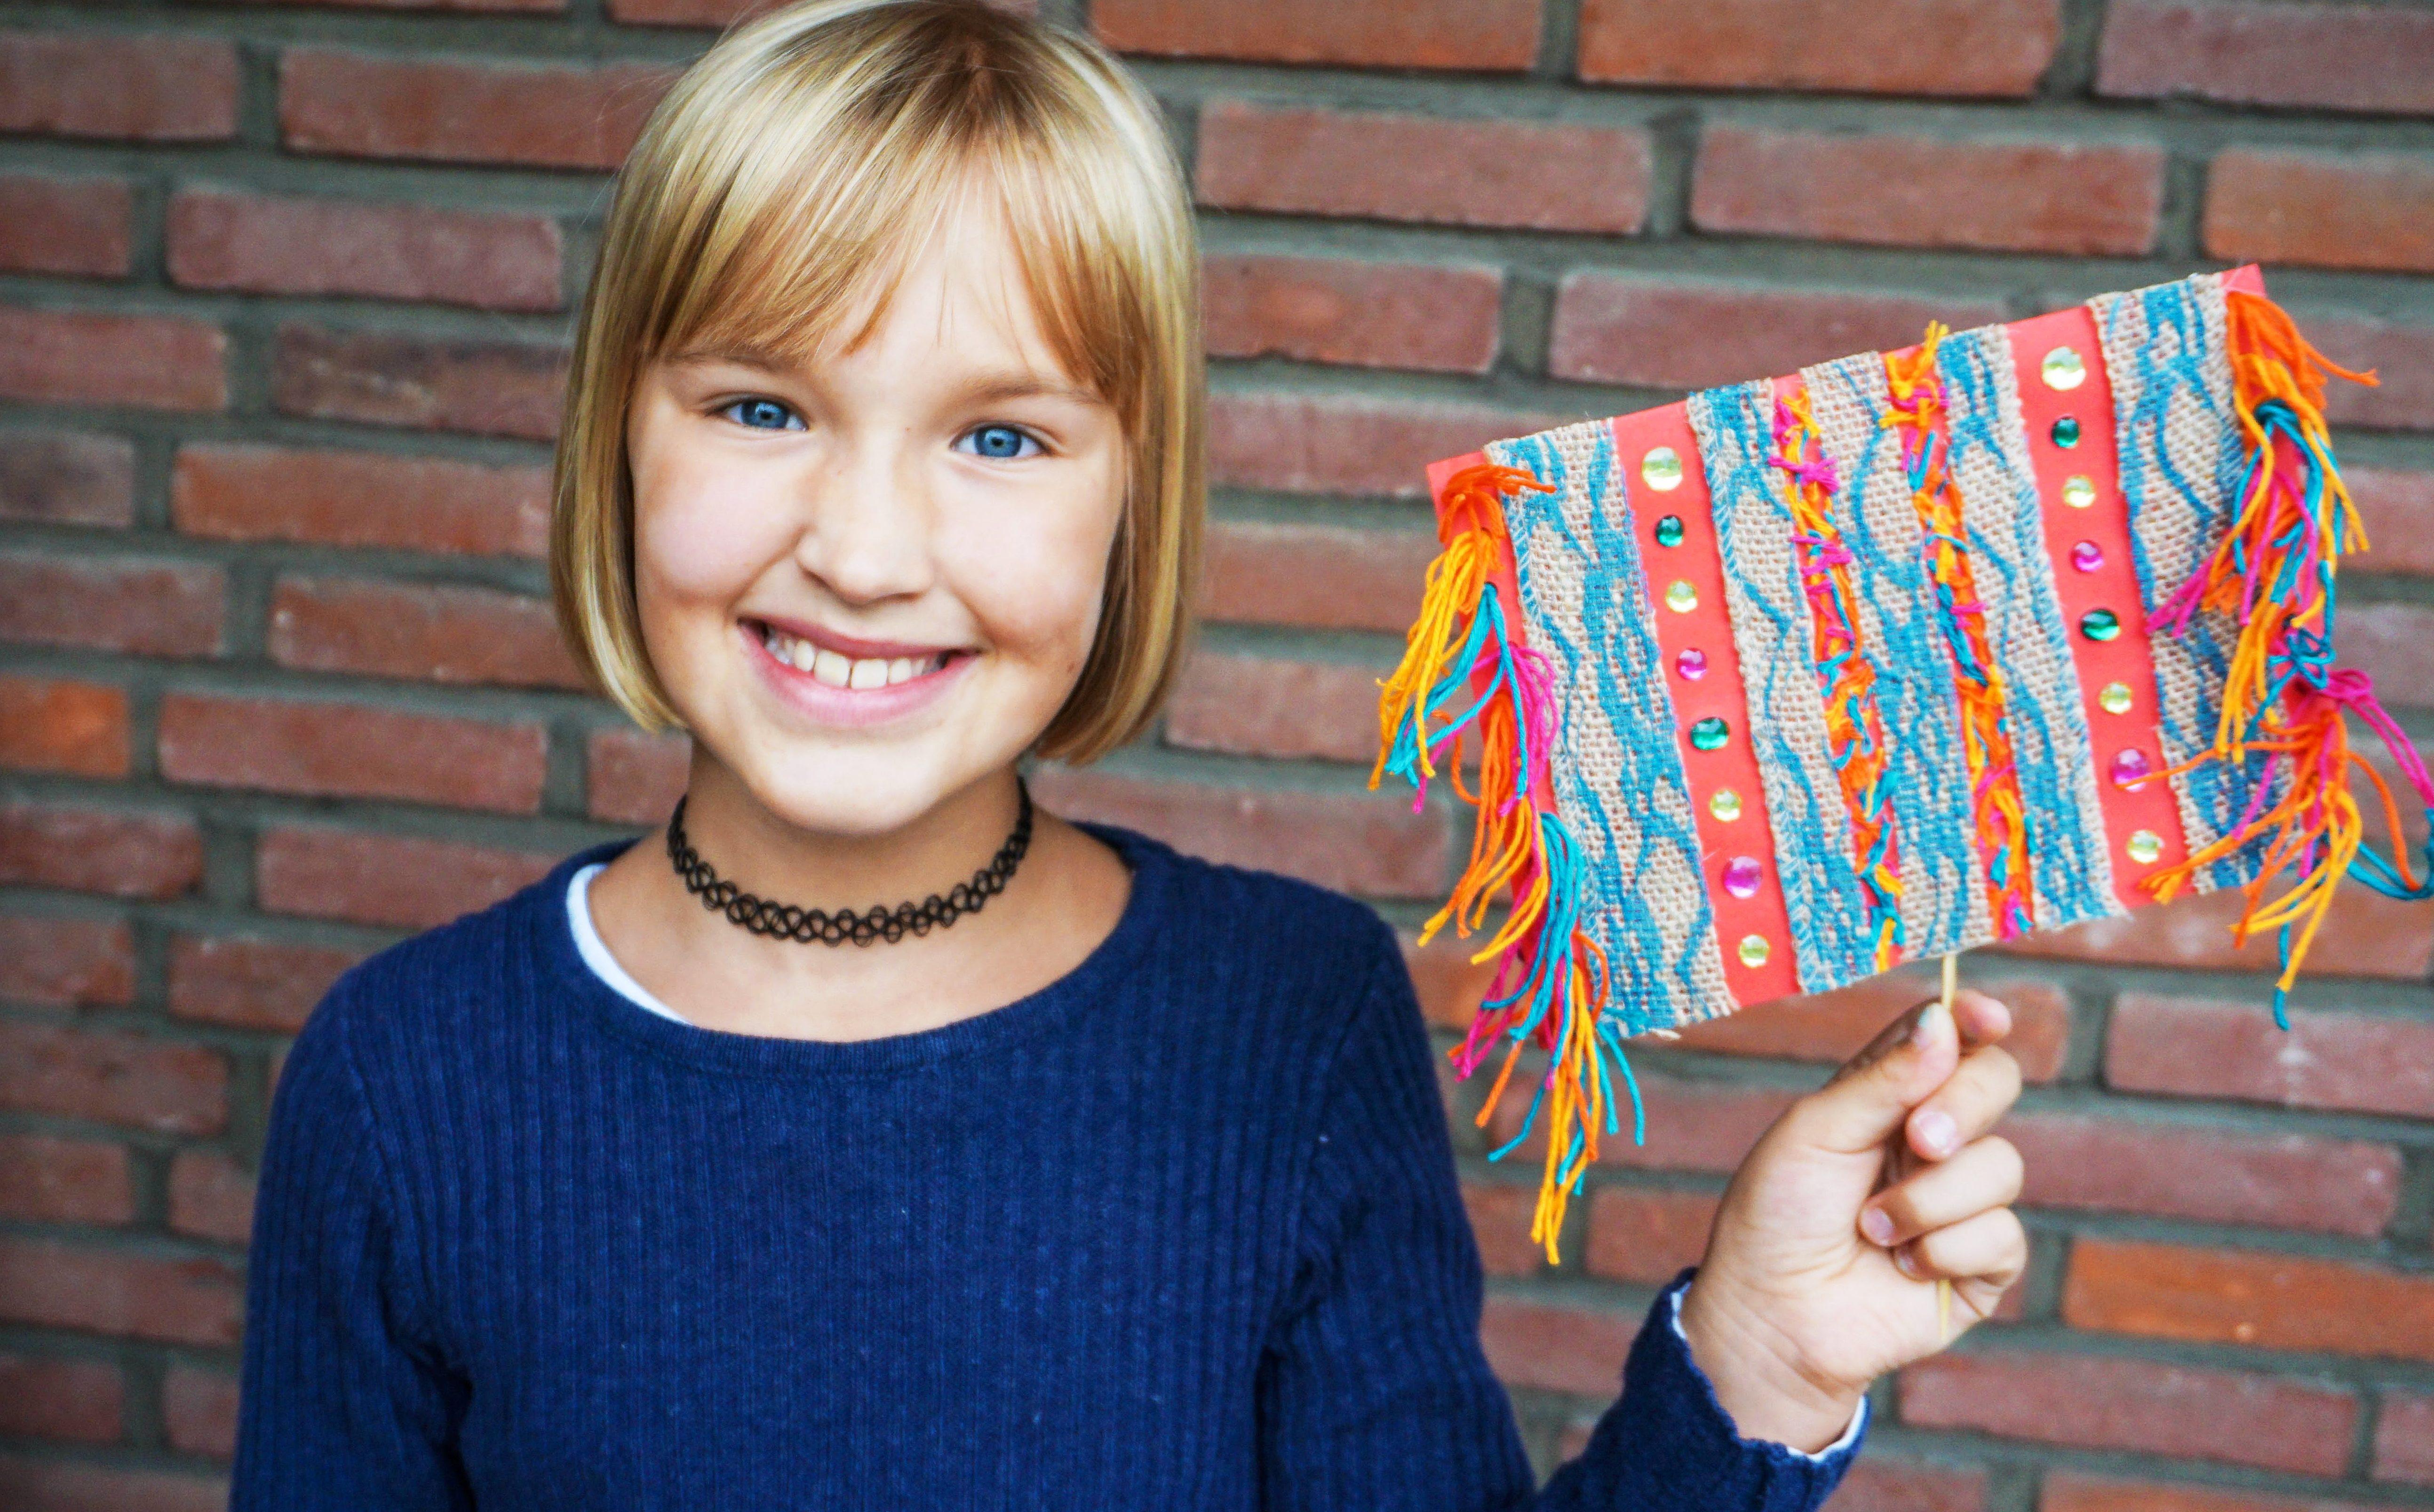 Ein Mädchen hält ein Stück Fransenteppich aus Tonpapier, Borte und Wolle hoch. (Quelle: Ralf Krämer)